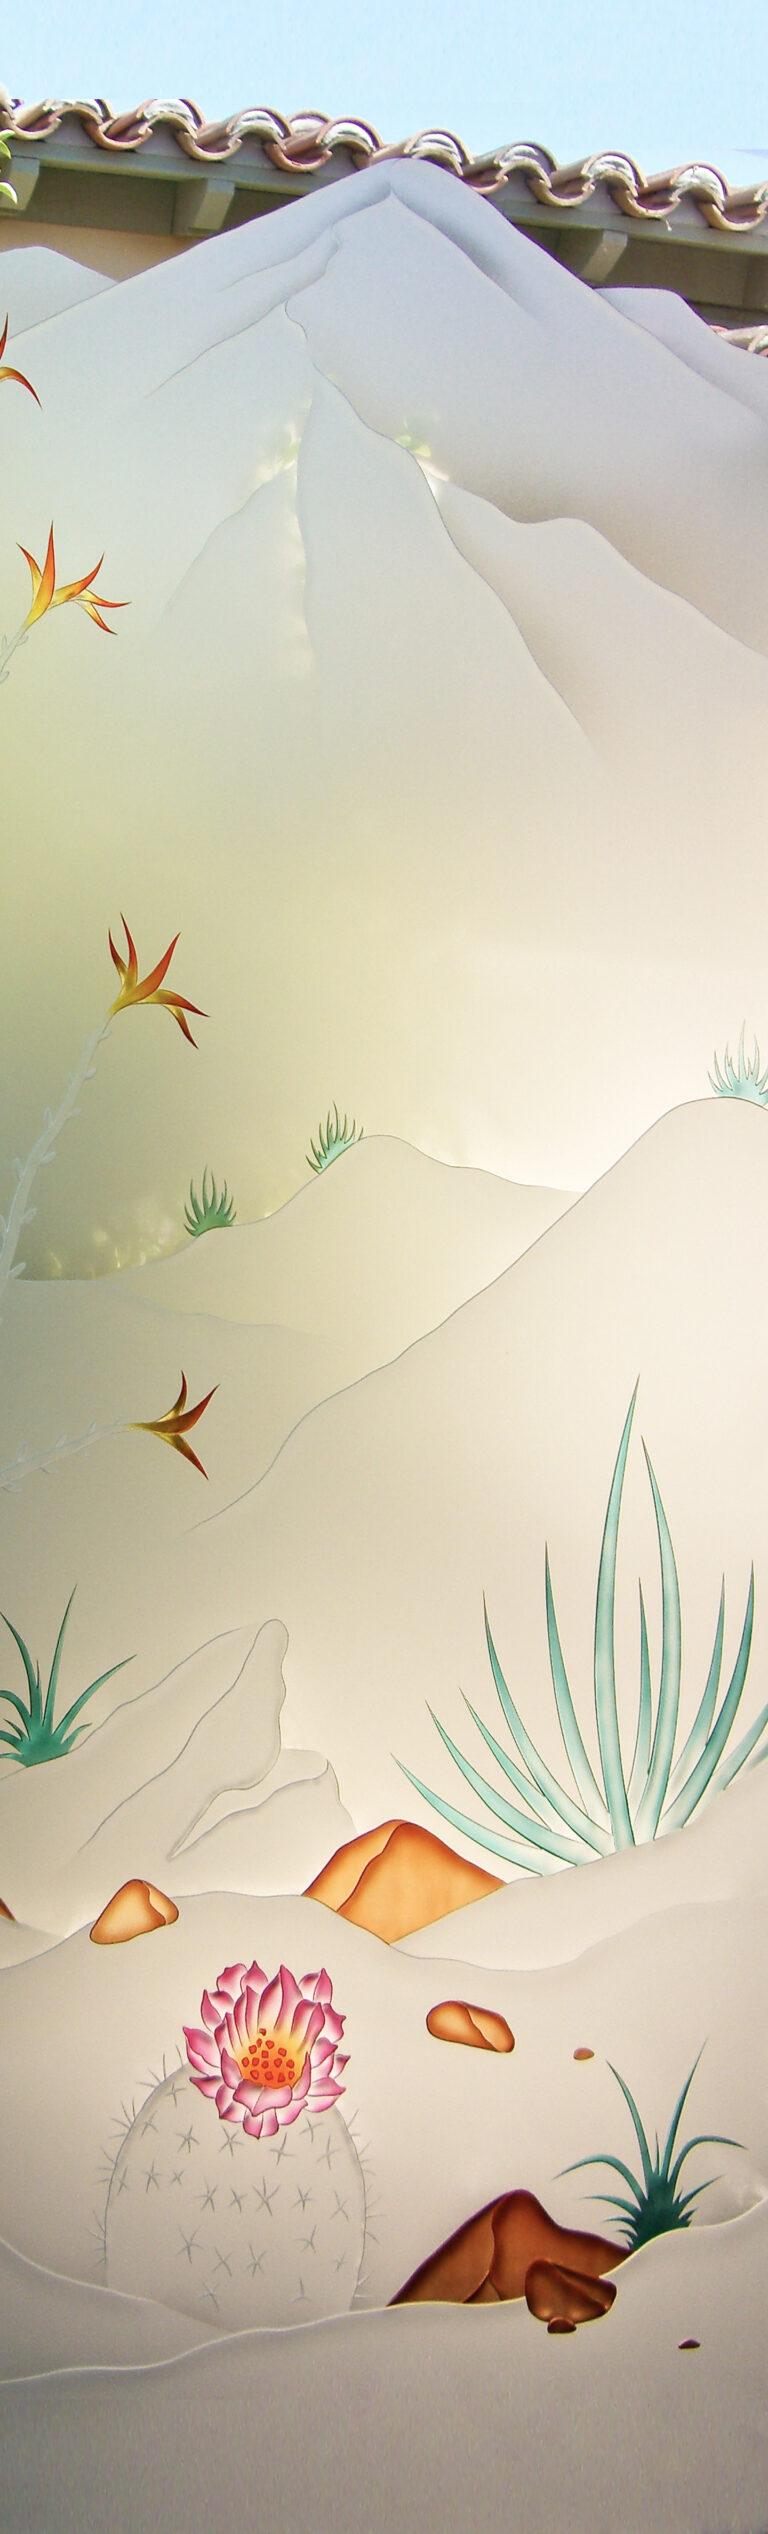 Mountains Foliage